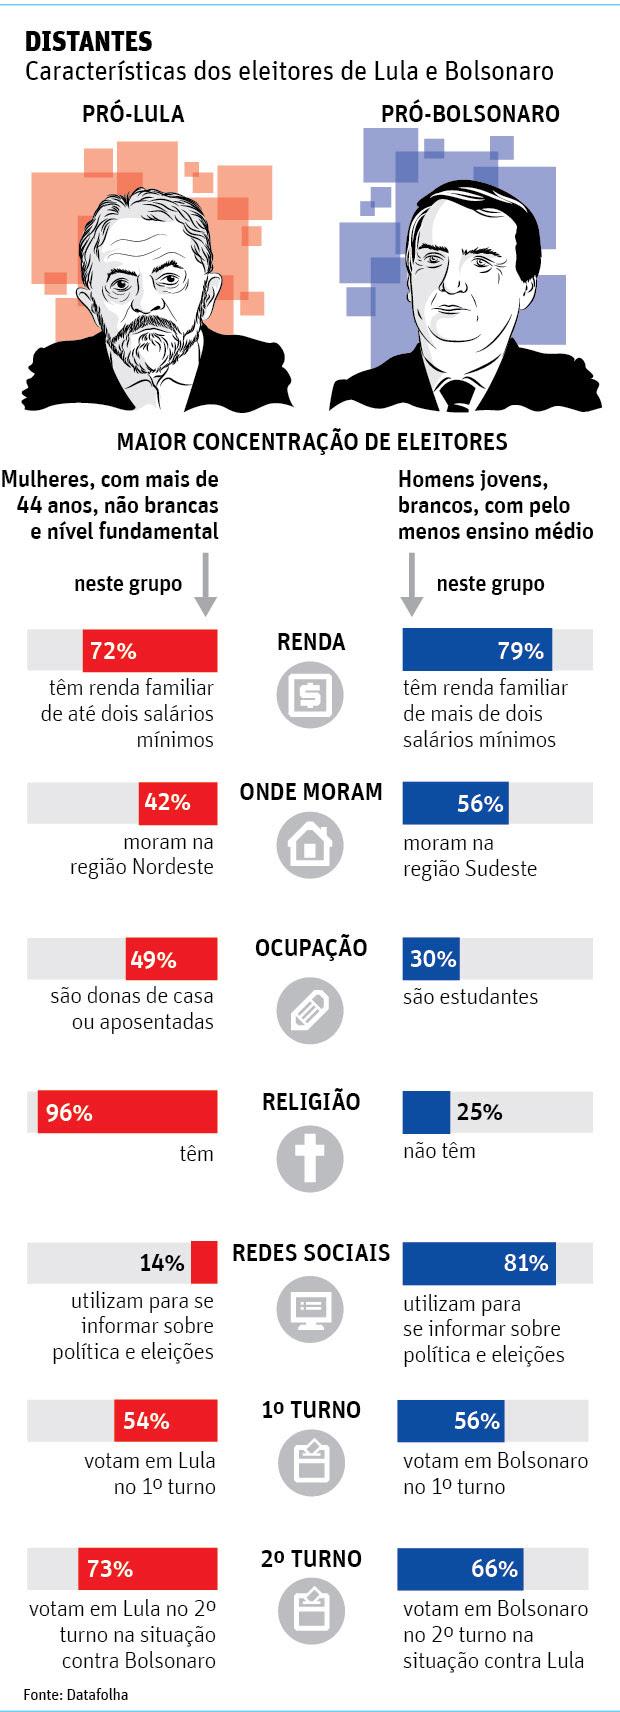 DiSTANTES Características dos eleitores de Lula e Bolsonaro